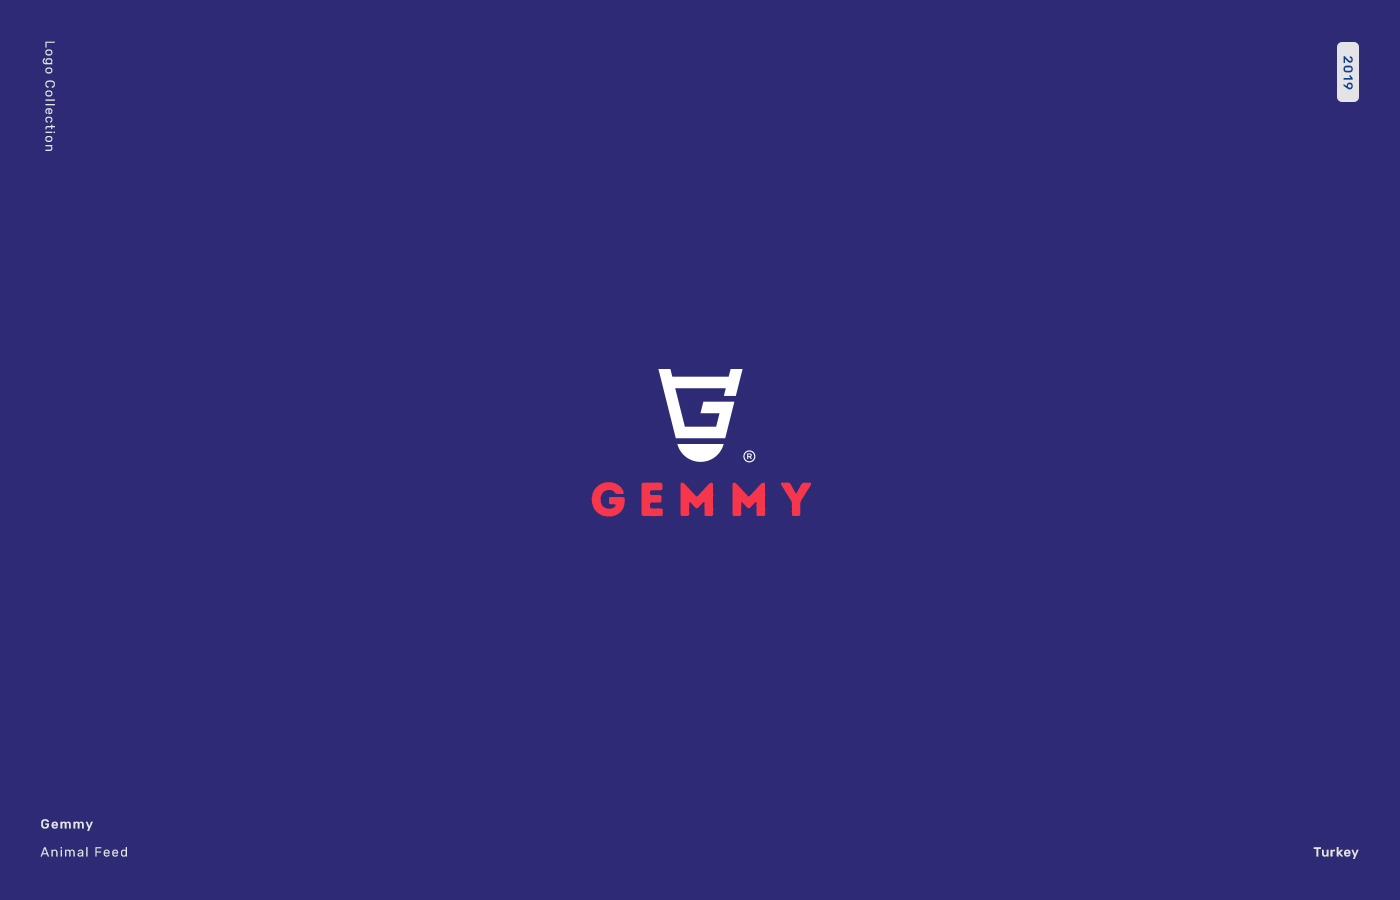 noyan-ozun-logo-gemmy-animal-feed